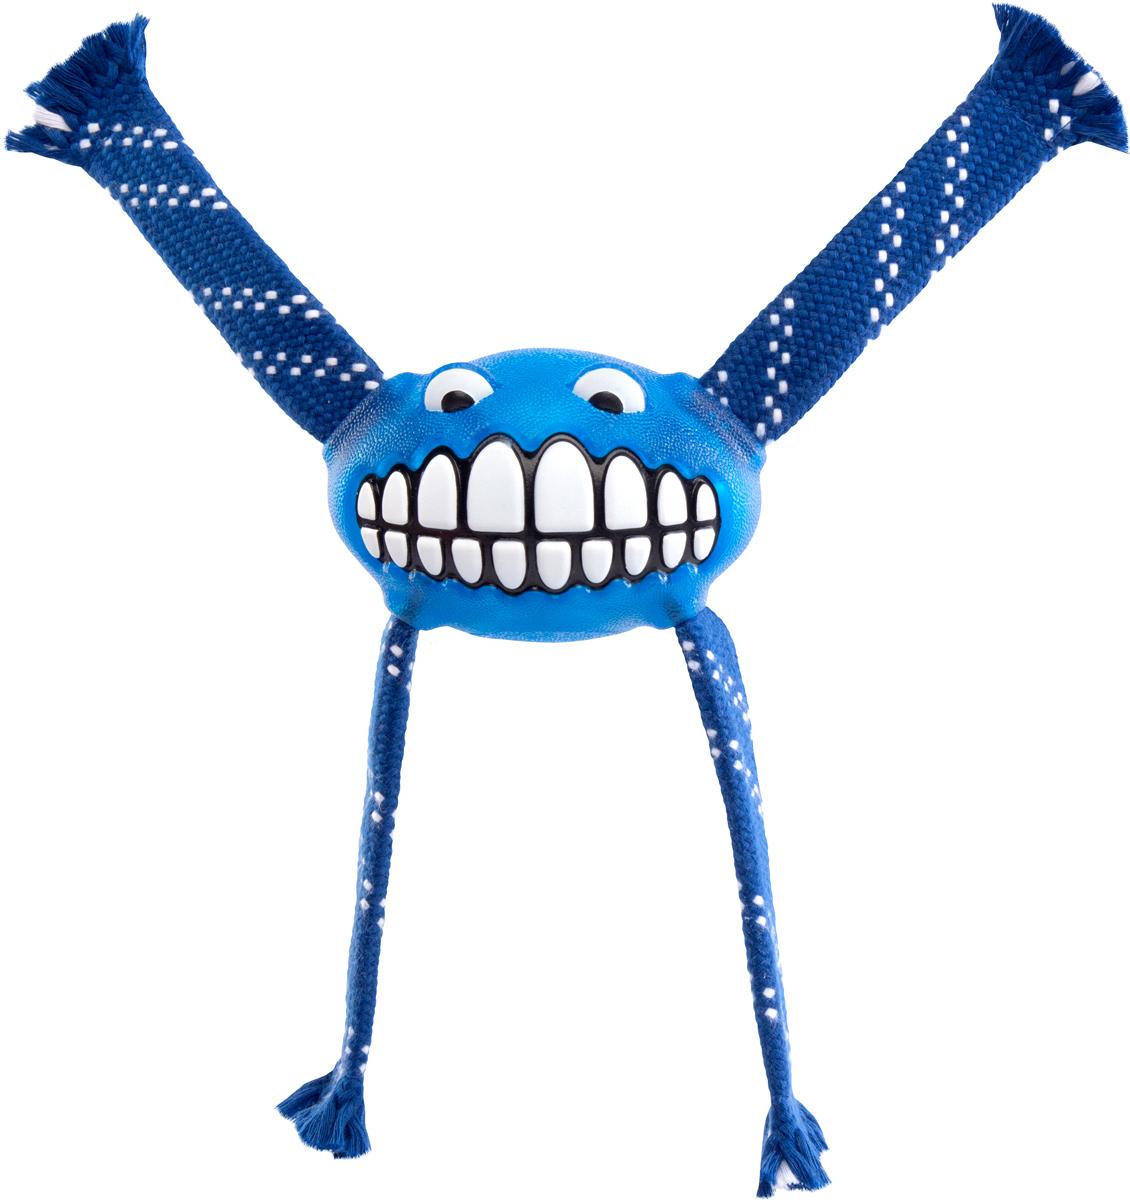 Игрушка для собак Rogz Flossy Grinz. Зубы, цвет: синий, длина 21 смFGR03BИгрушка для собак Rogz Flossy Grinz. Зубы типа Отними - очень прочная и крепкая.Внутри – пищалка, что поддерживает интерес животного к игре.Уникальная функция игрушки - чистит язык и зубы.